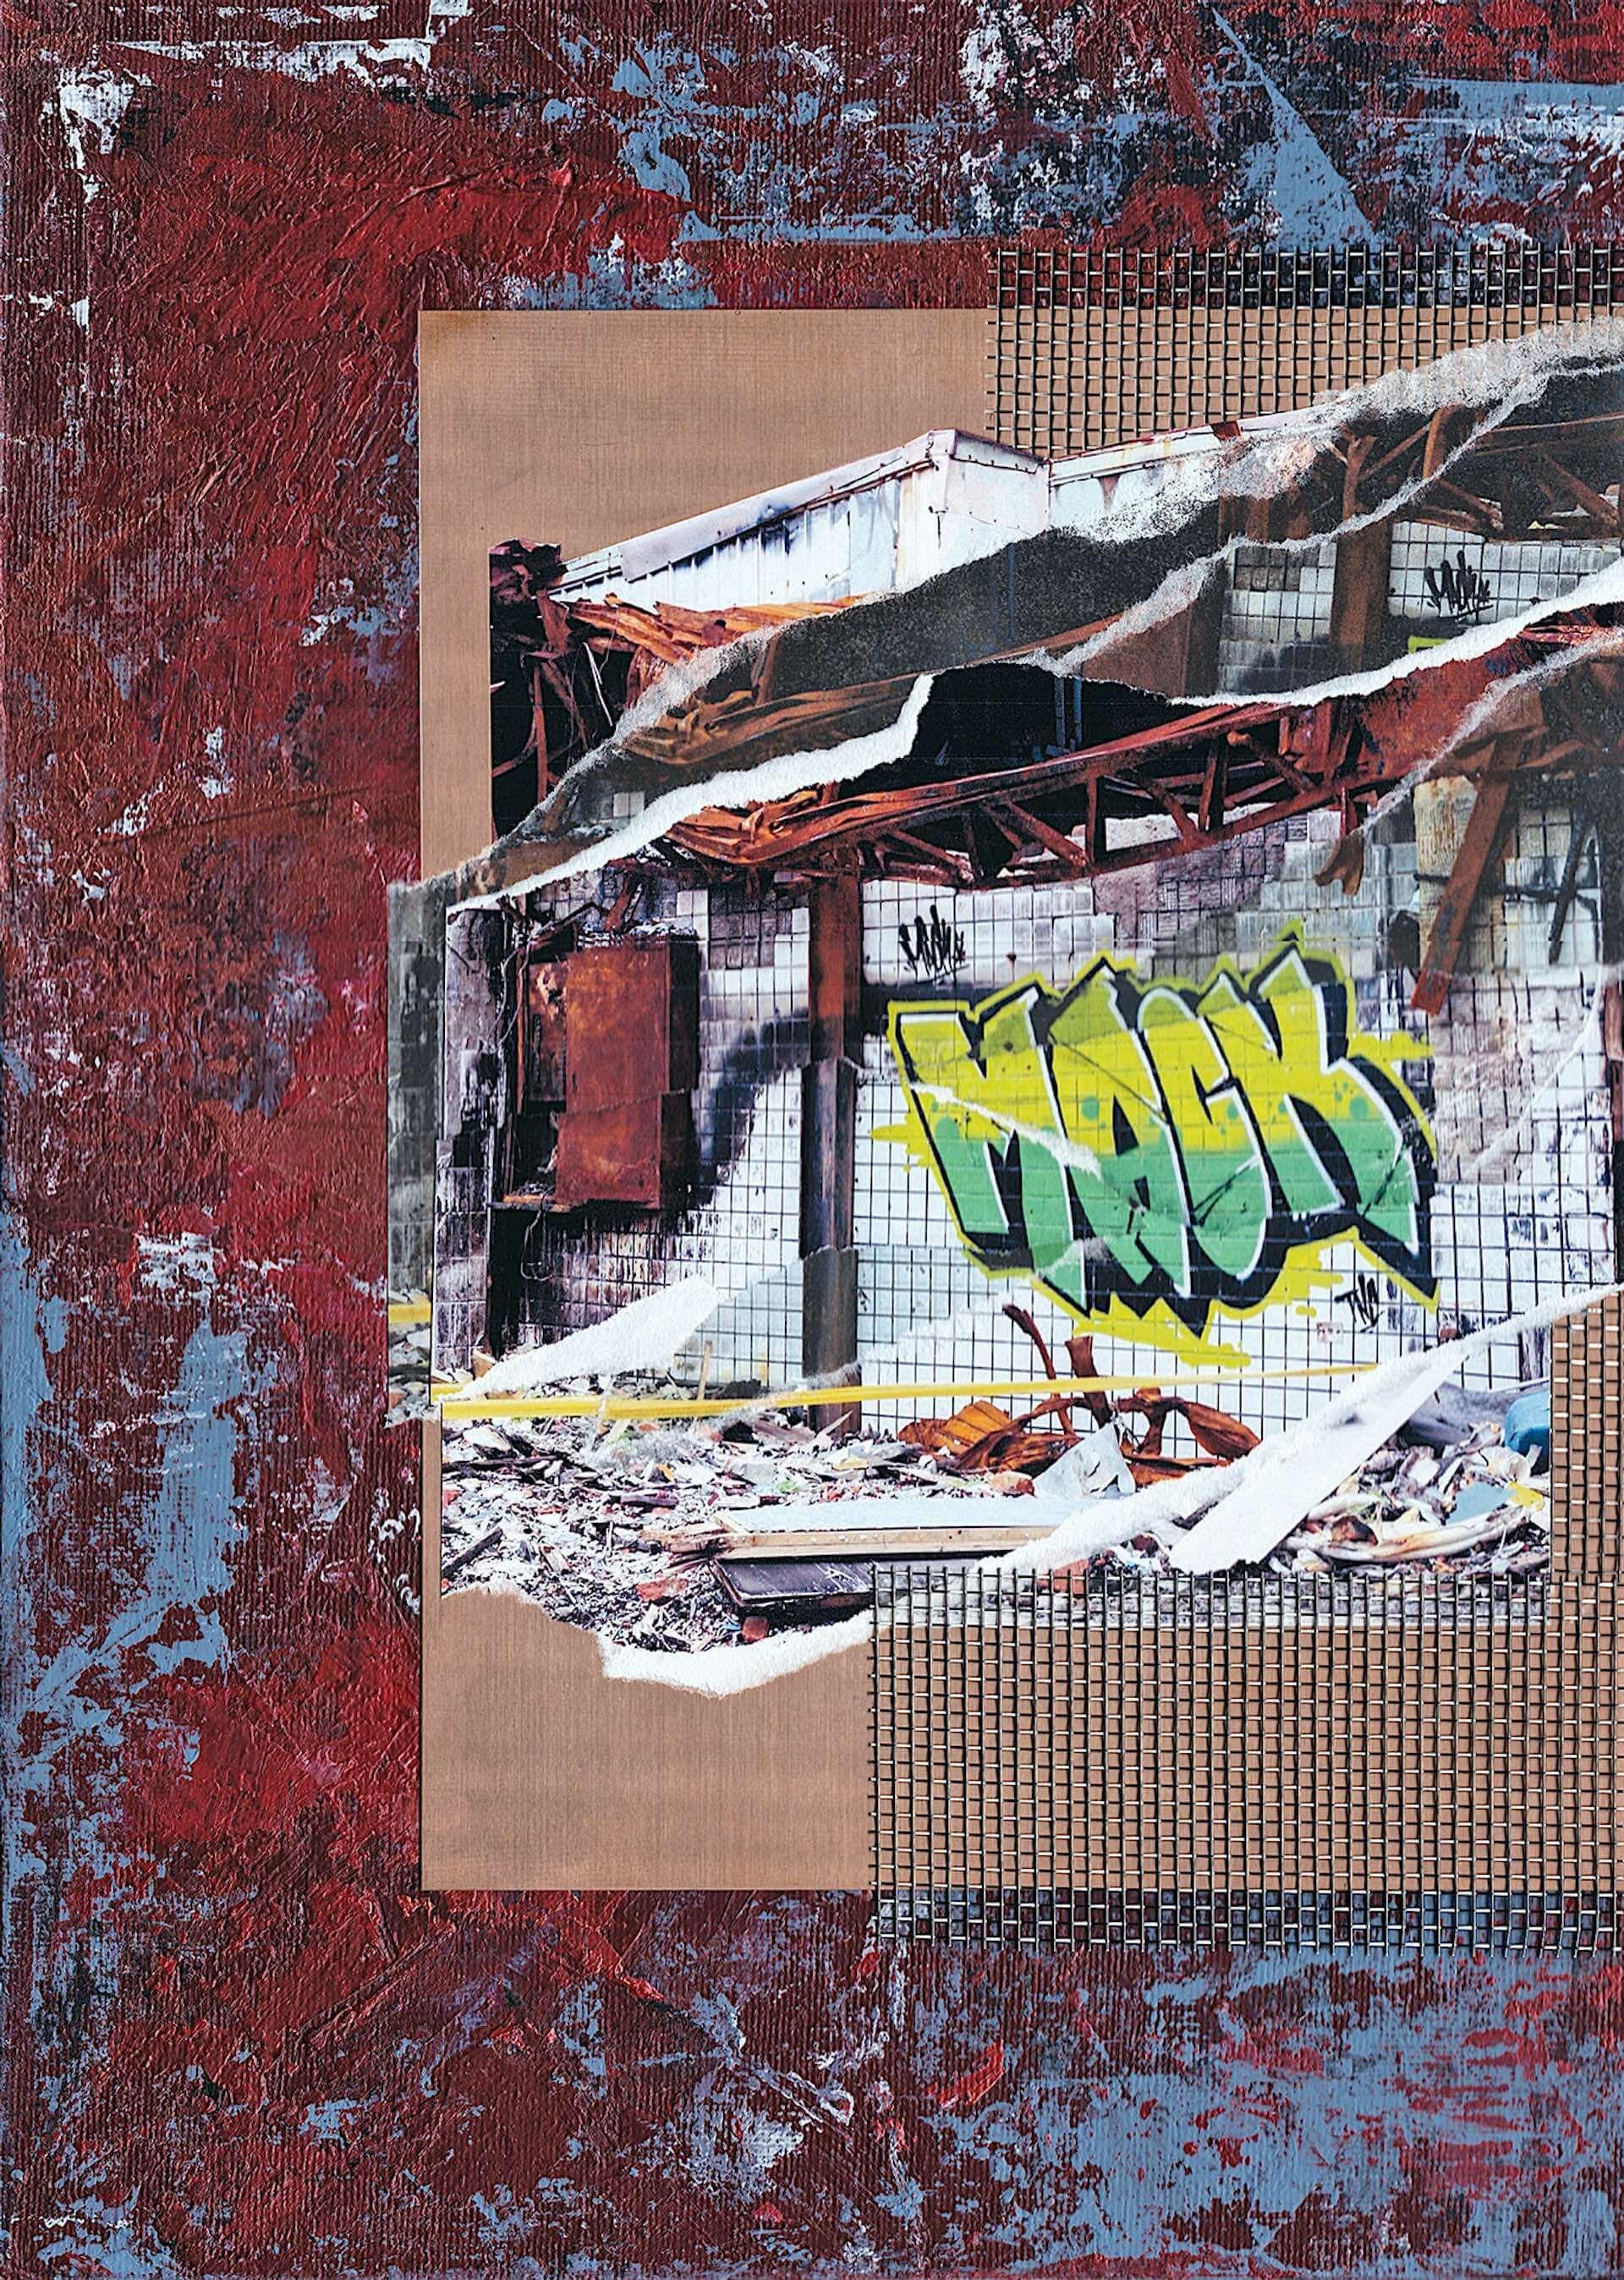 コラージュアーティスト・Yabiku Henrique Yudiの個展<MOTION>がDIESEL ART GALLERYで開催決定!30点以上の新作を展示 art210208_yabiku-henrique-yudi_1-1920x2695